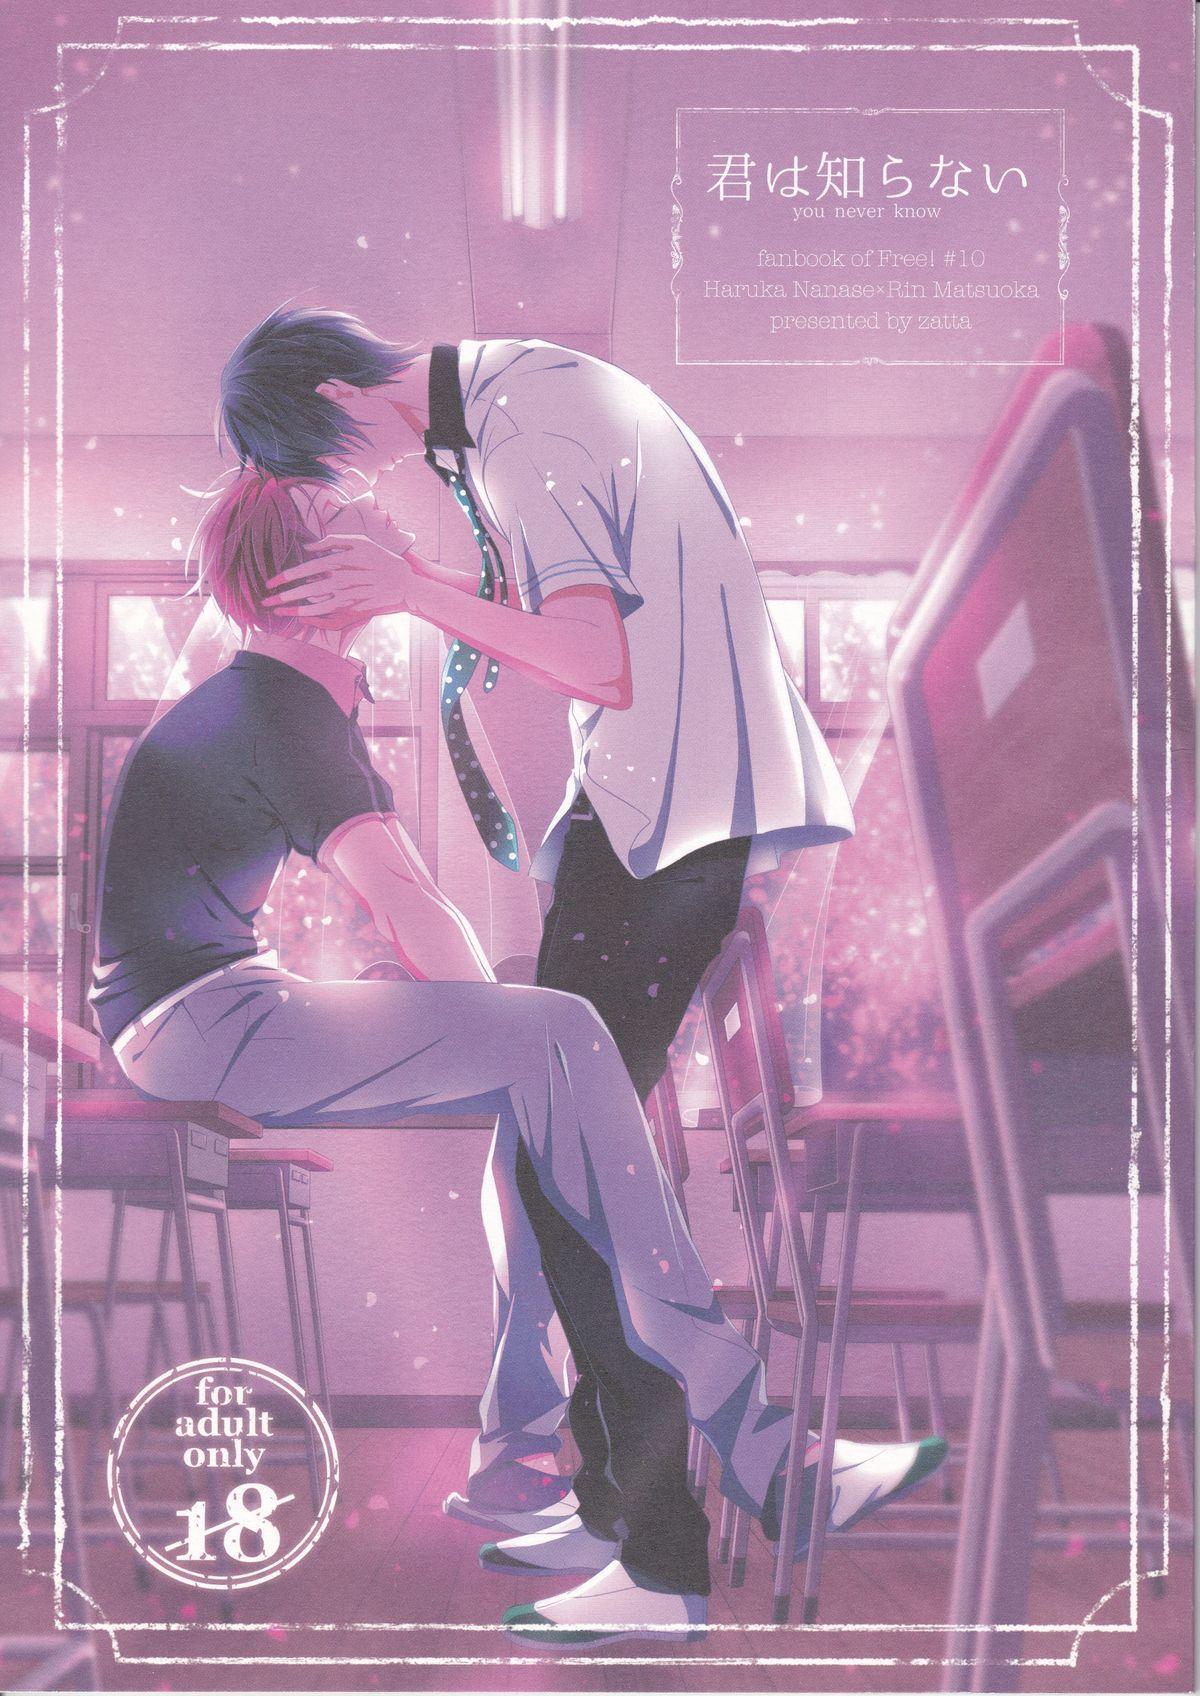 Kimi wa Shiranai - You never Know 0